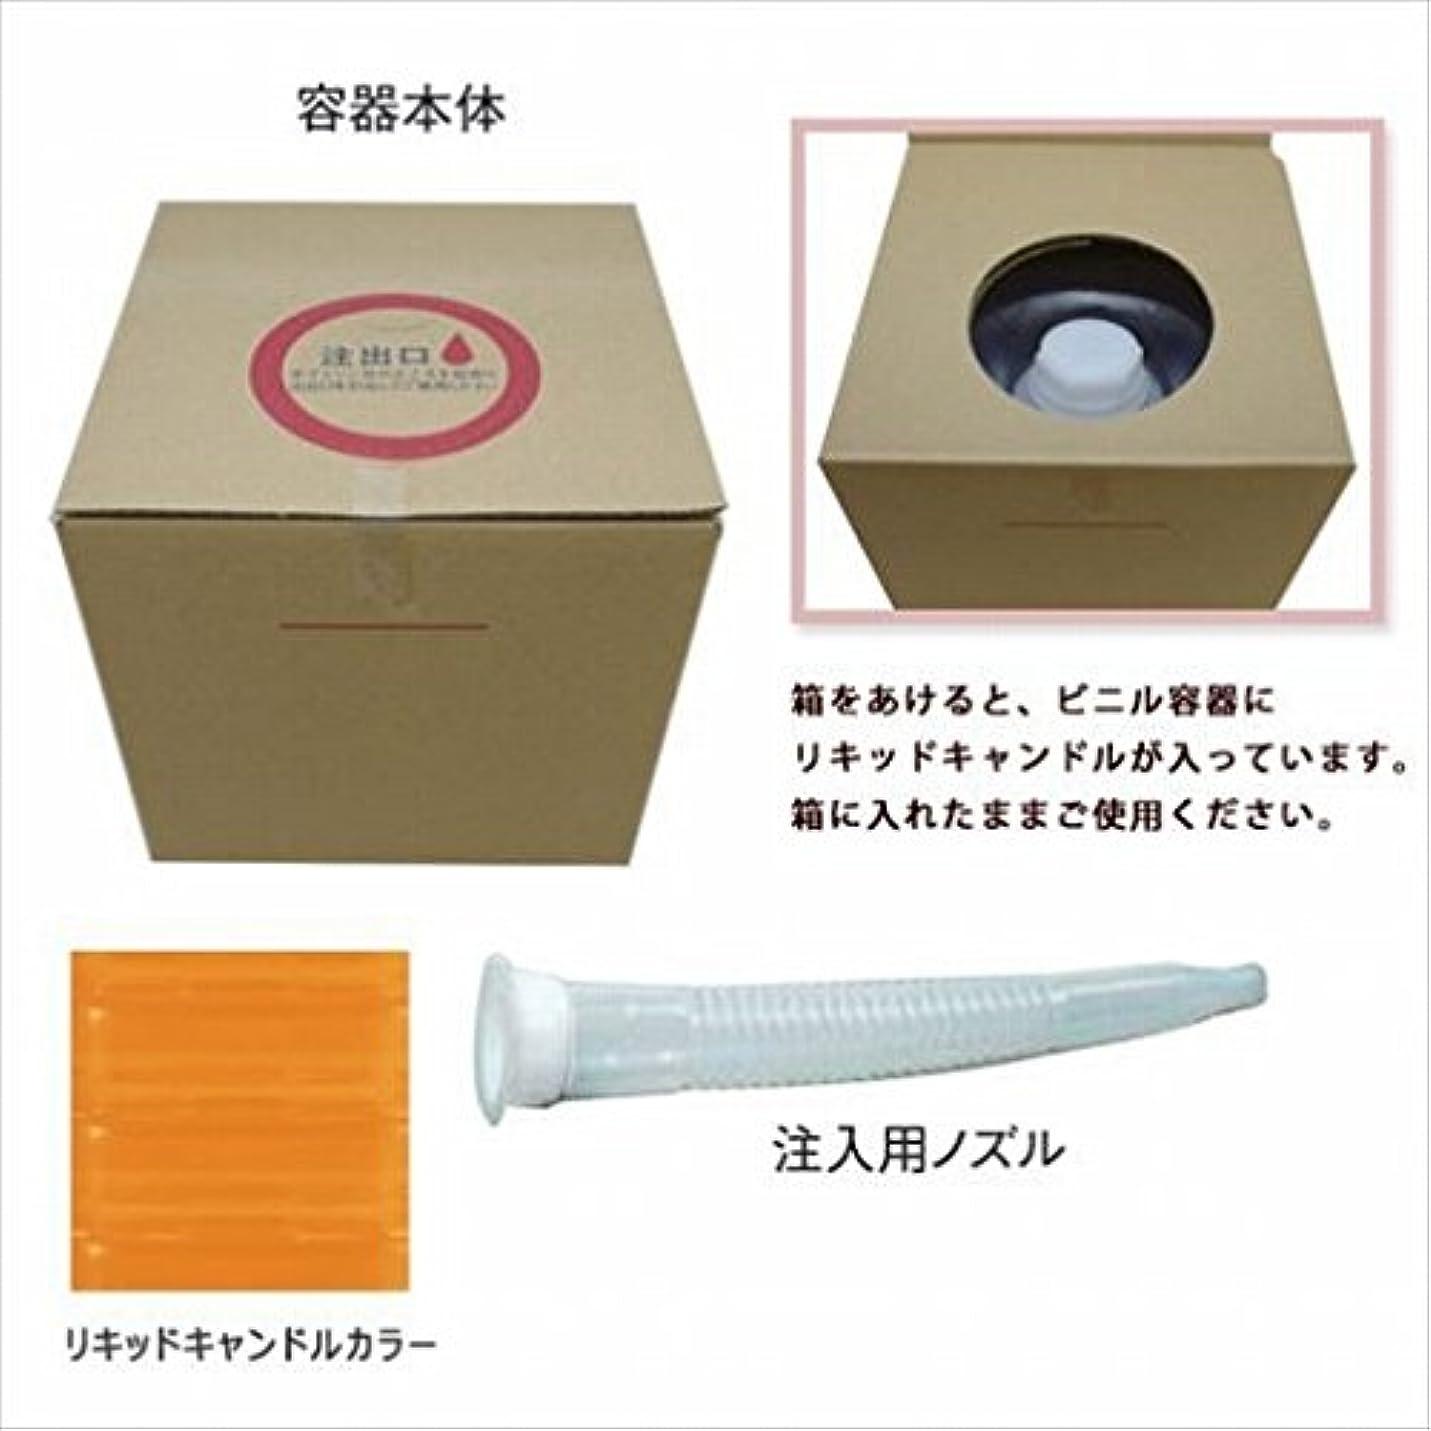 知る言語学妻カメヤマキャンドル(kameyama candle) リキッドキャンドル5リットル 「 シャンパンゴールド 」